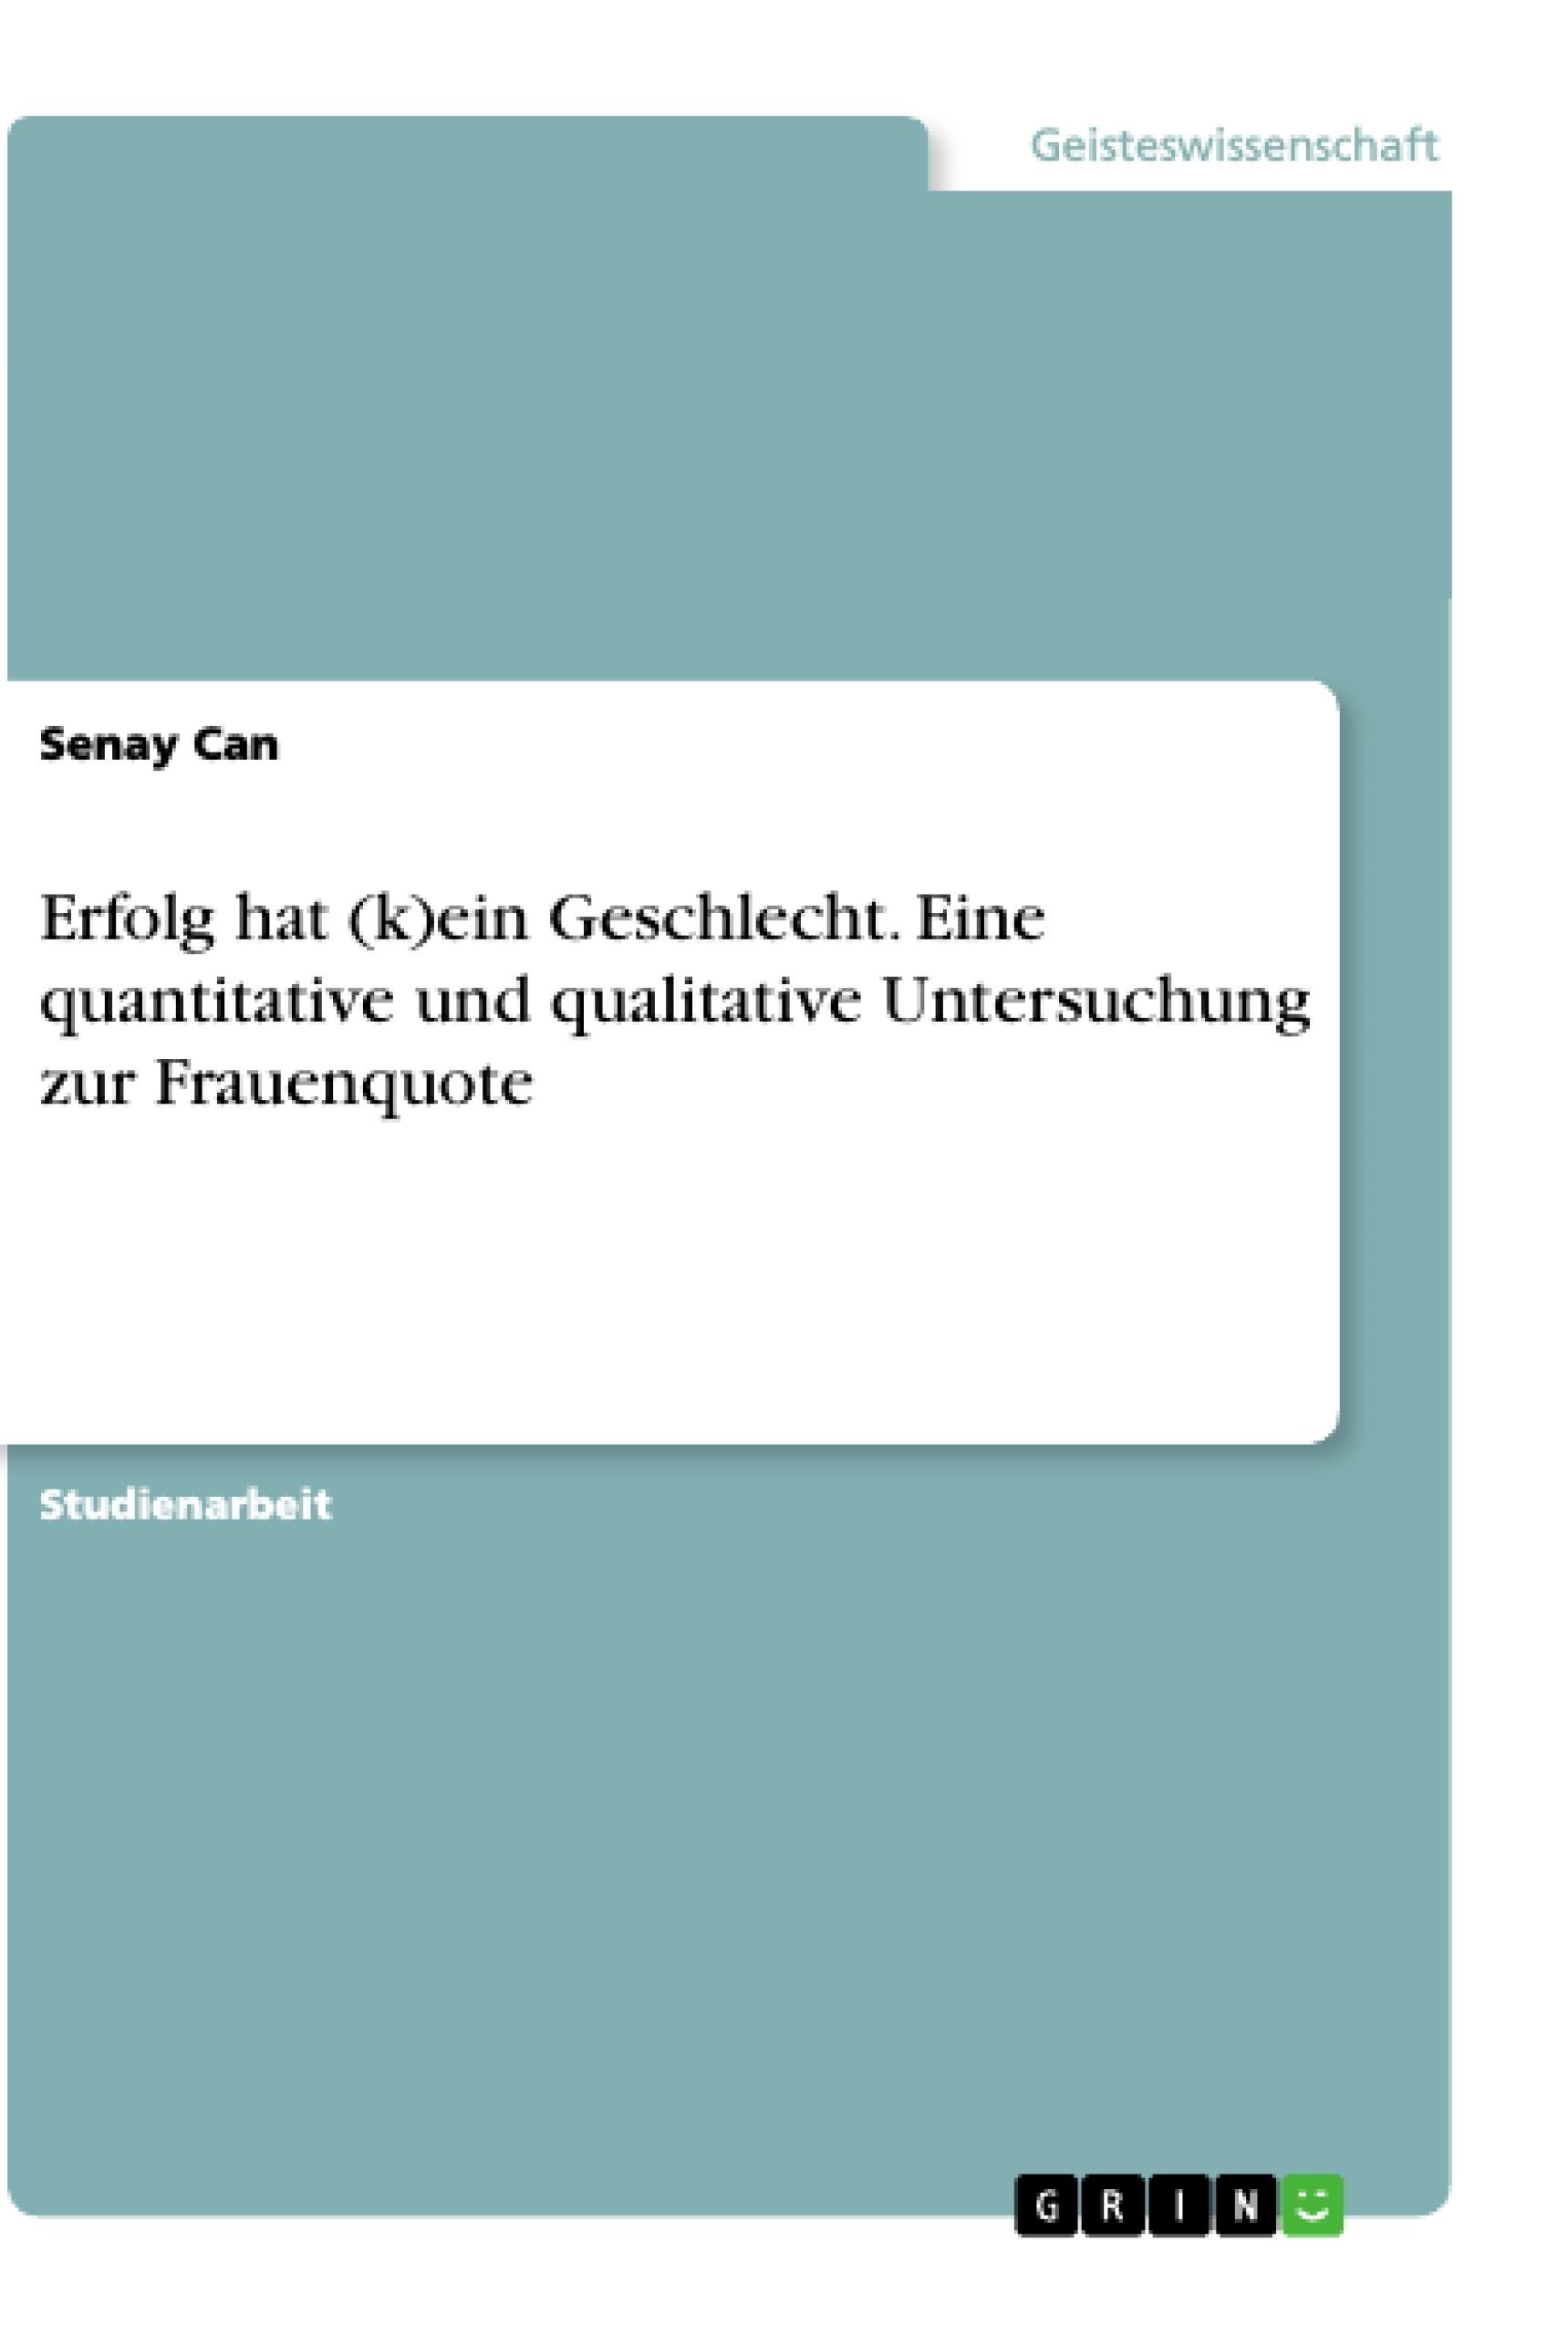 Titel: Erfolg hat (k)ein Geschlecht. Eine quantitative und qualitative Untersuchung zur Frauenquote